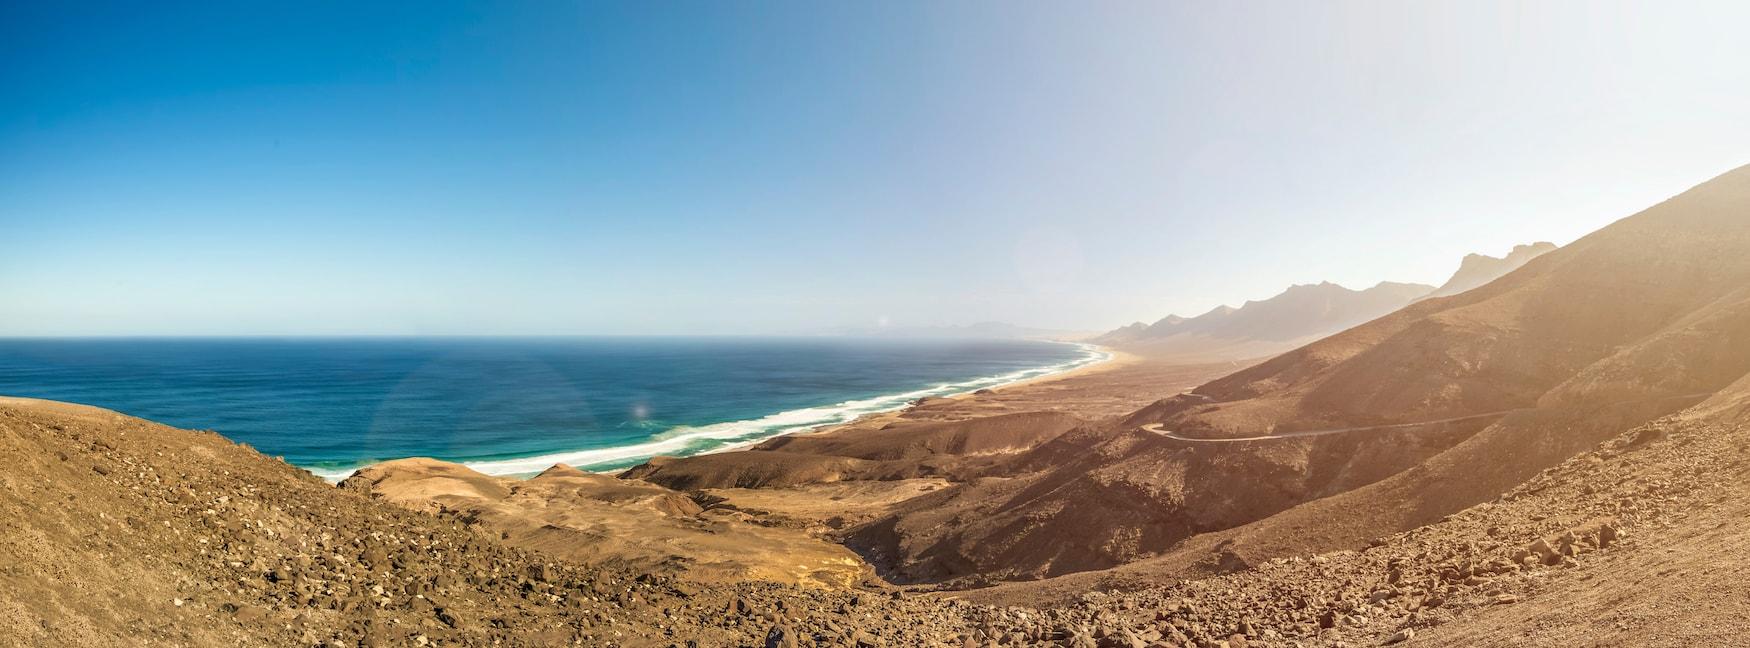 Panorama-Aufnahme des Playa de Cofete auf Fuerteventura